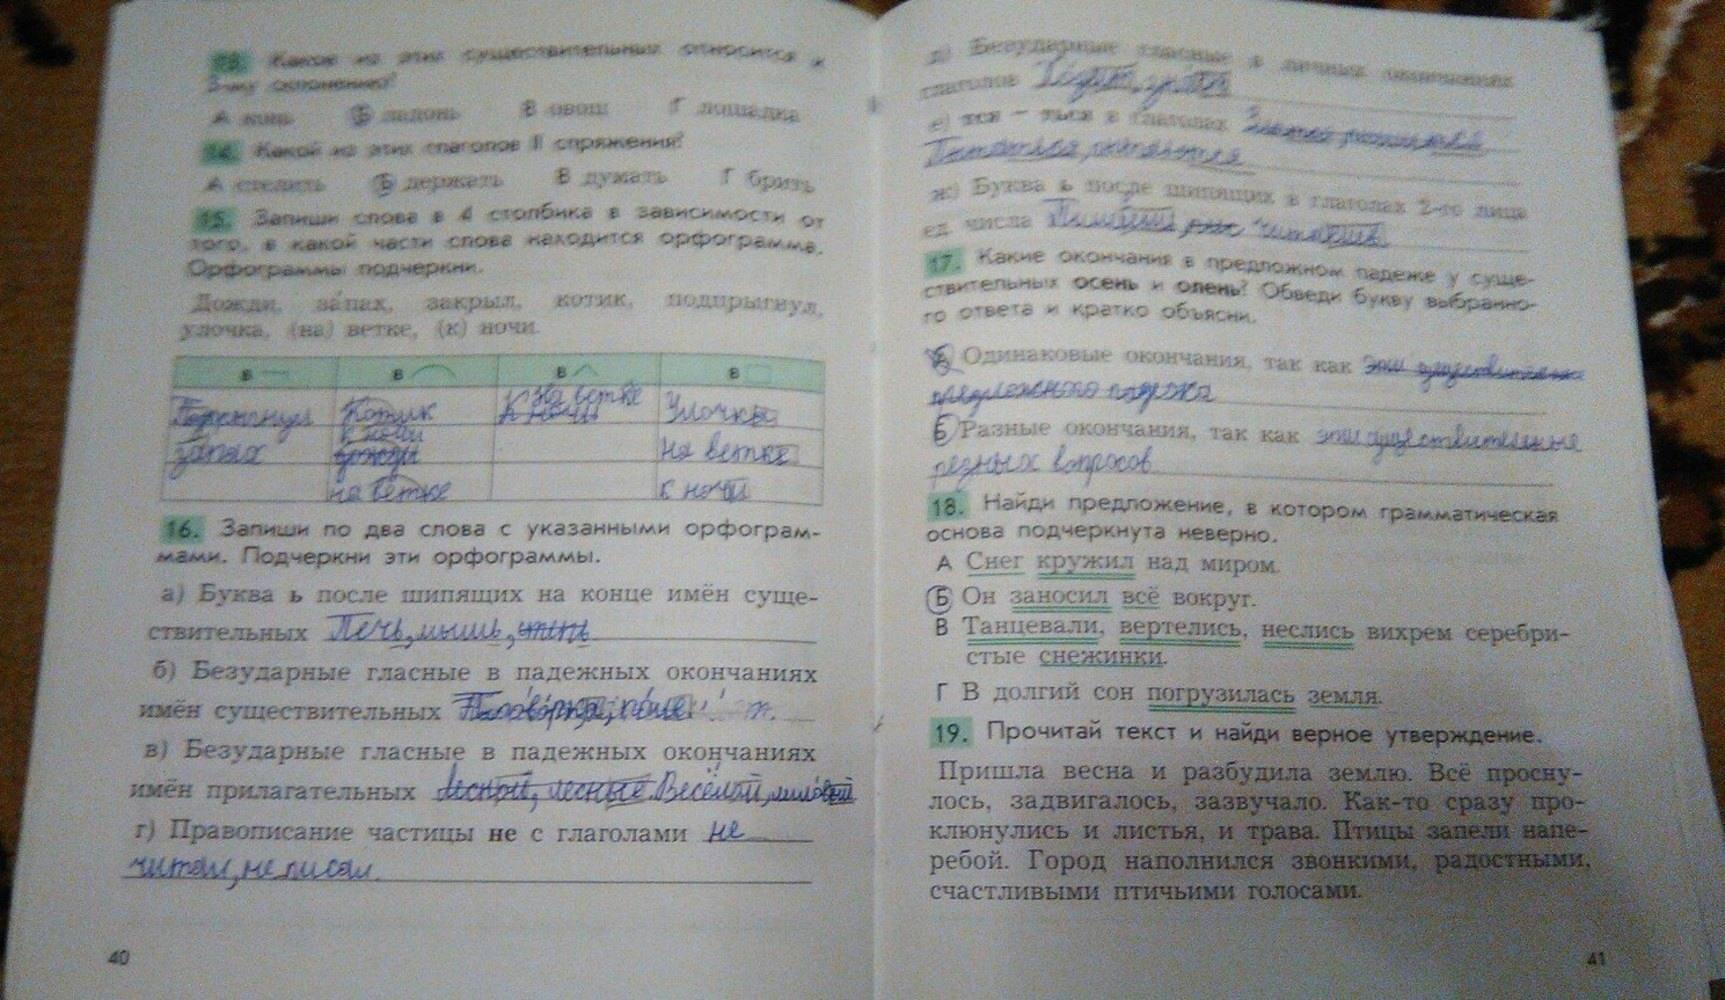 гдз по проверочным работам по русскому языку 4 класс бунеева 2 вариант